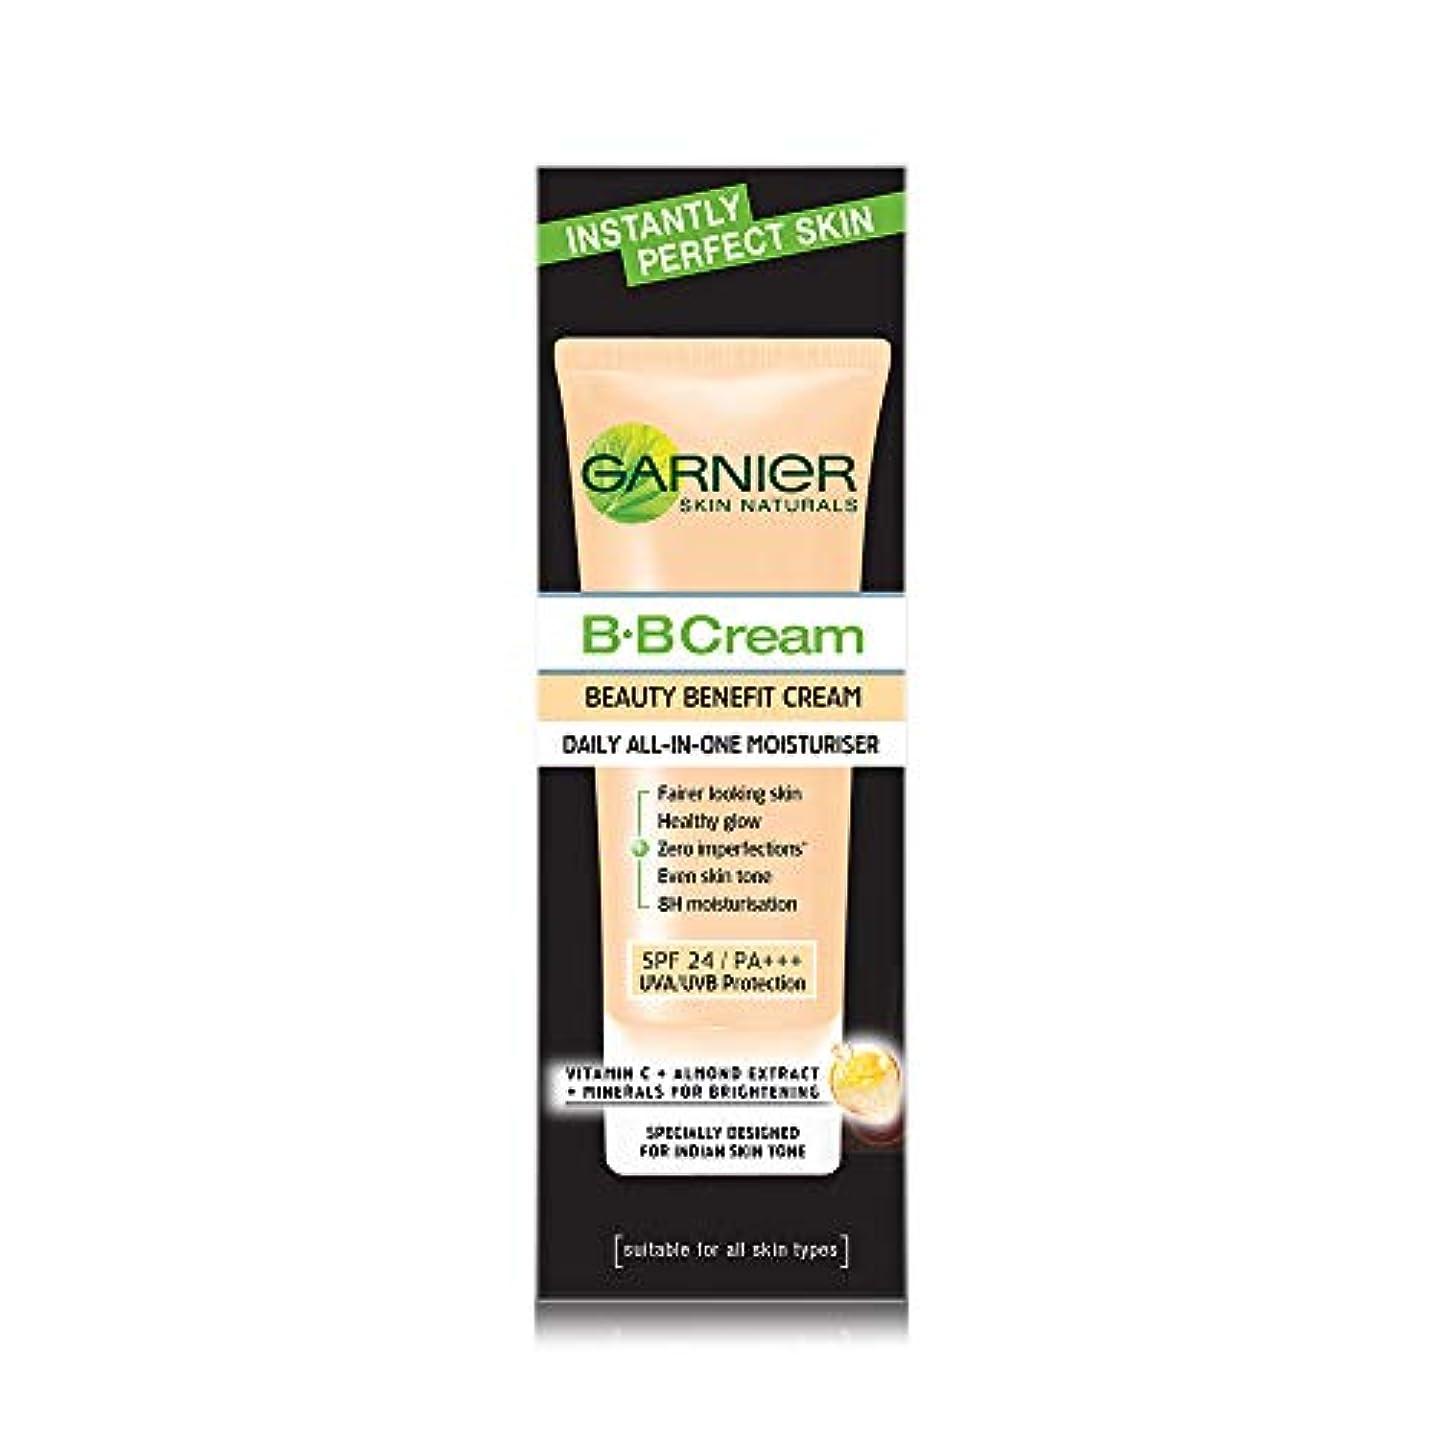 フォーラム関係単調なGarnier Skin Naturals Instantly Perfect Skin Perfector BB Cream, 30g